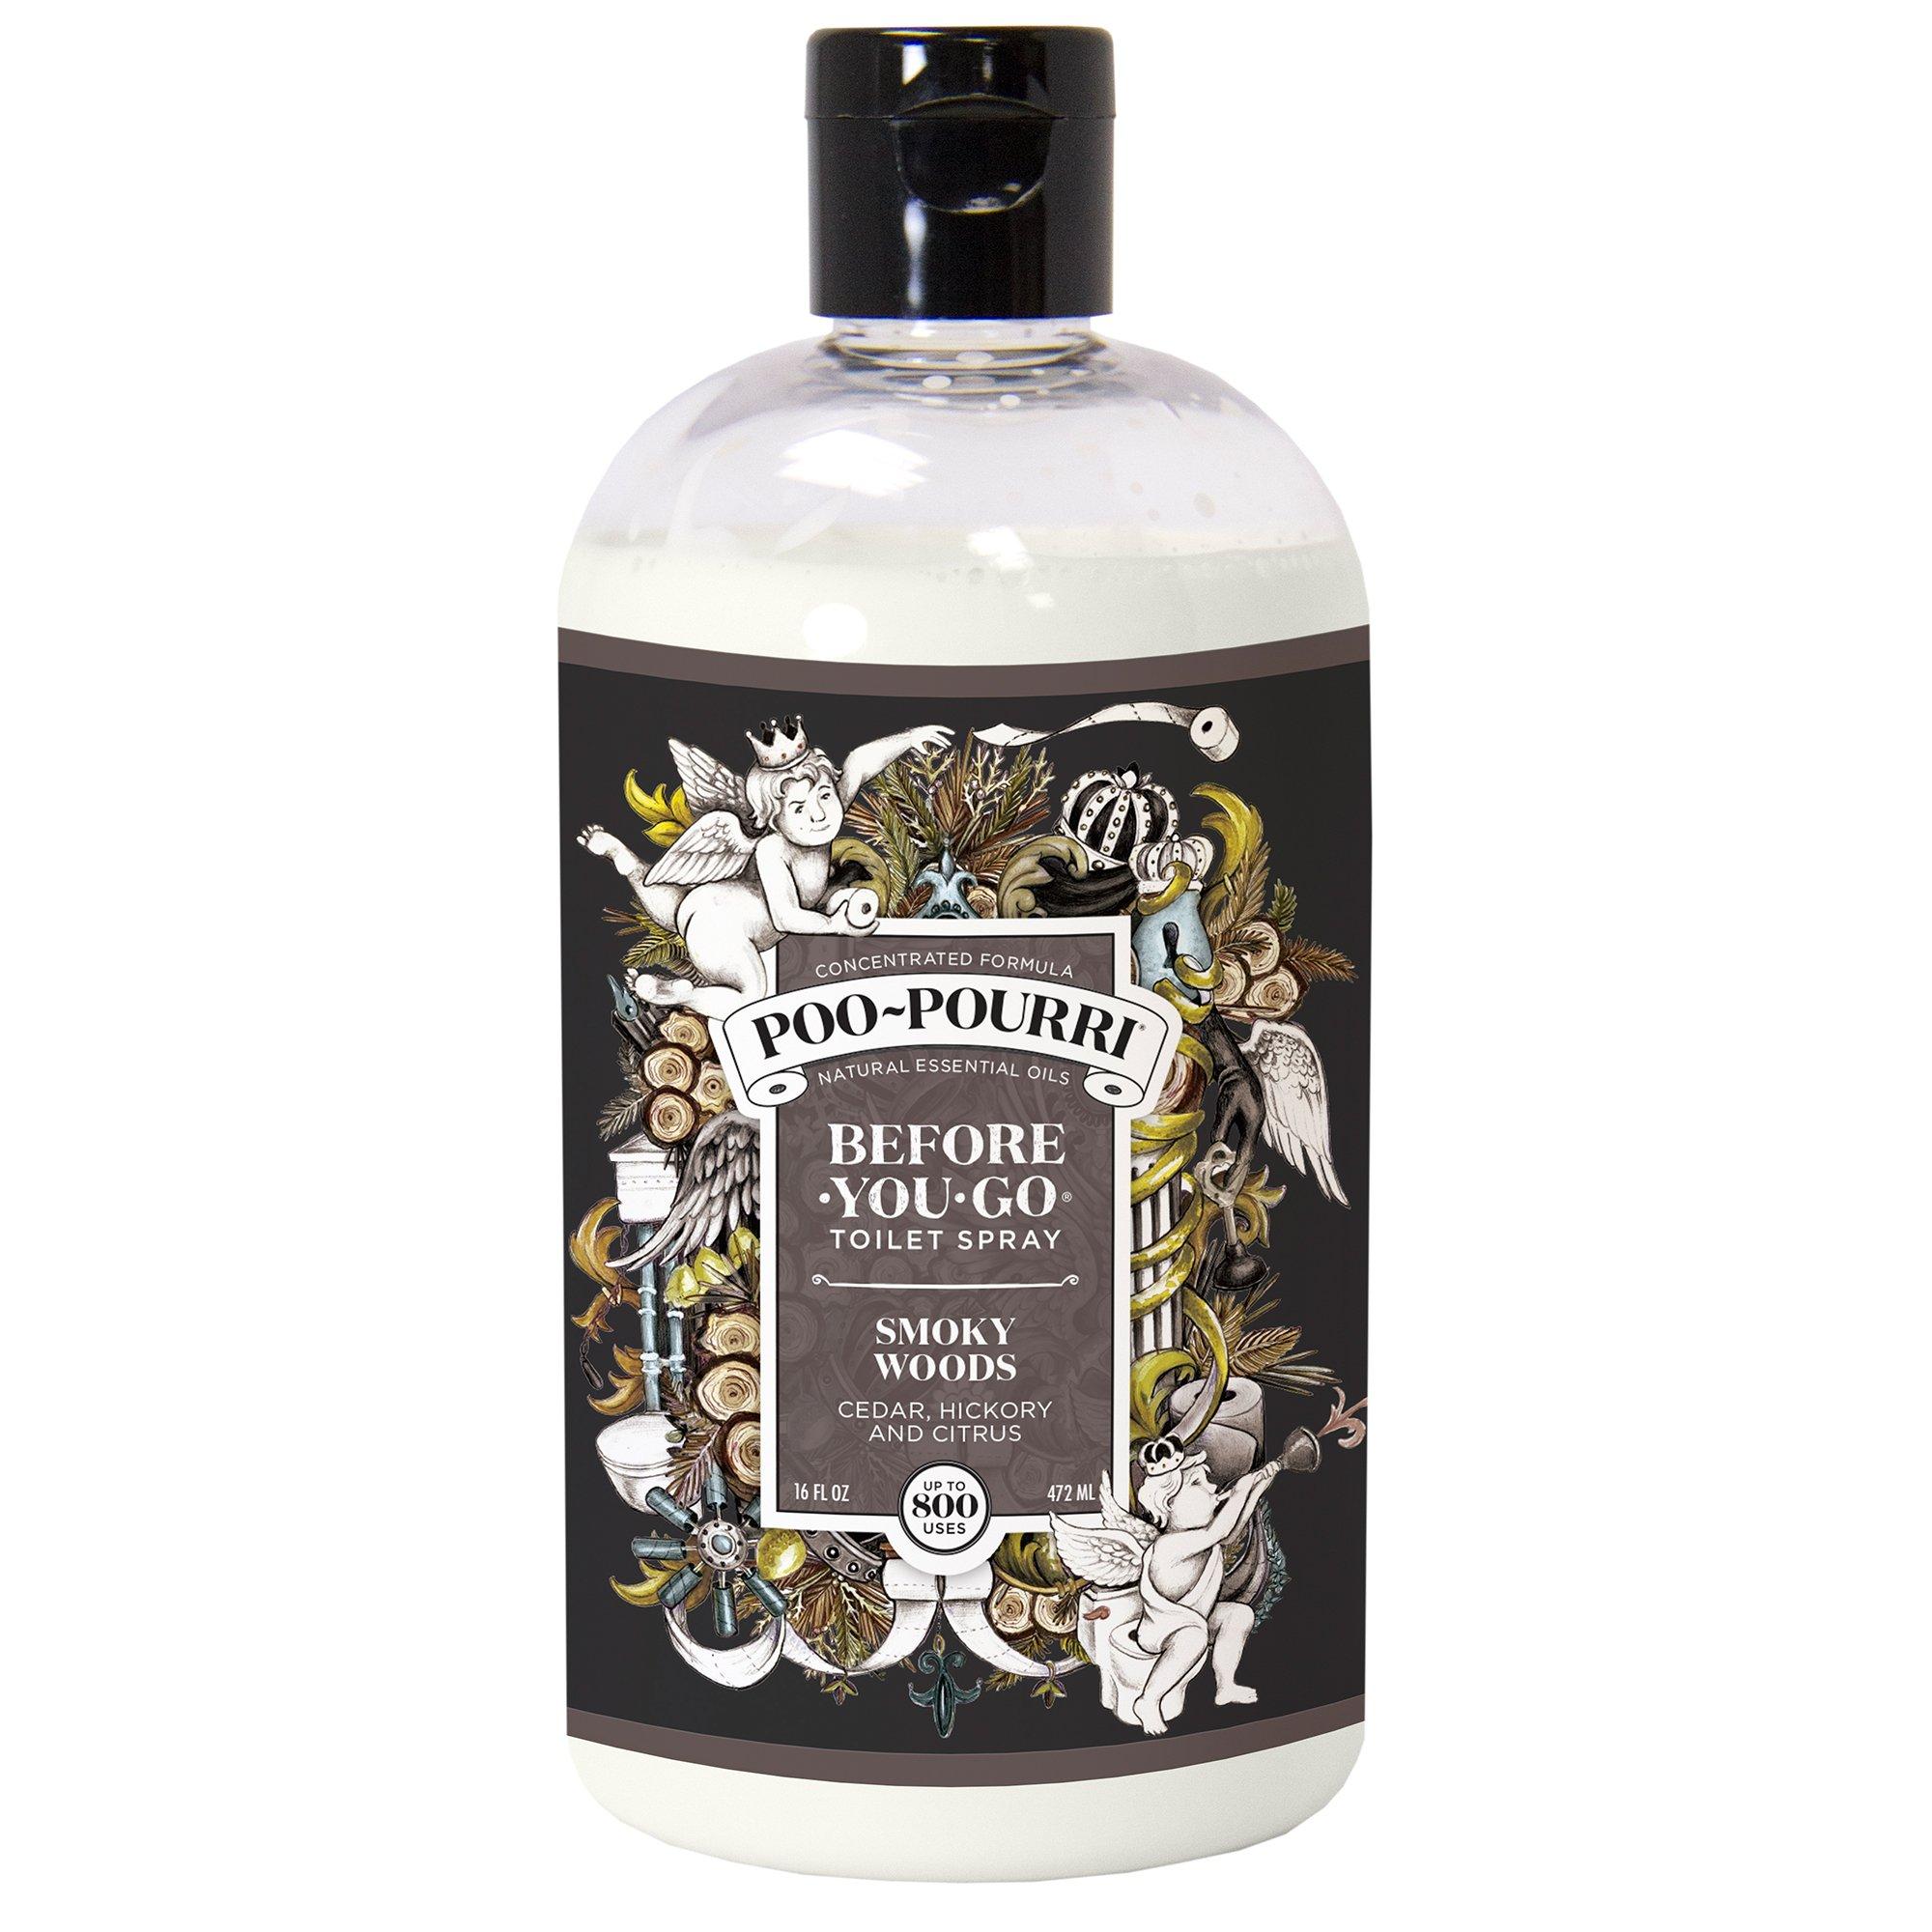 Poo-Pourri Before-You-Go Toilet Spray 16 oz Bottle, Smoky Woods Scent